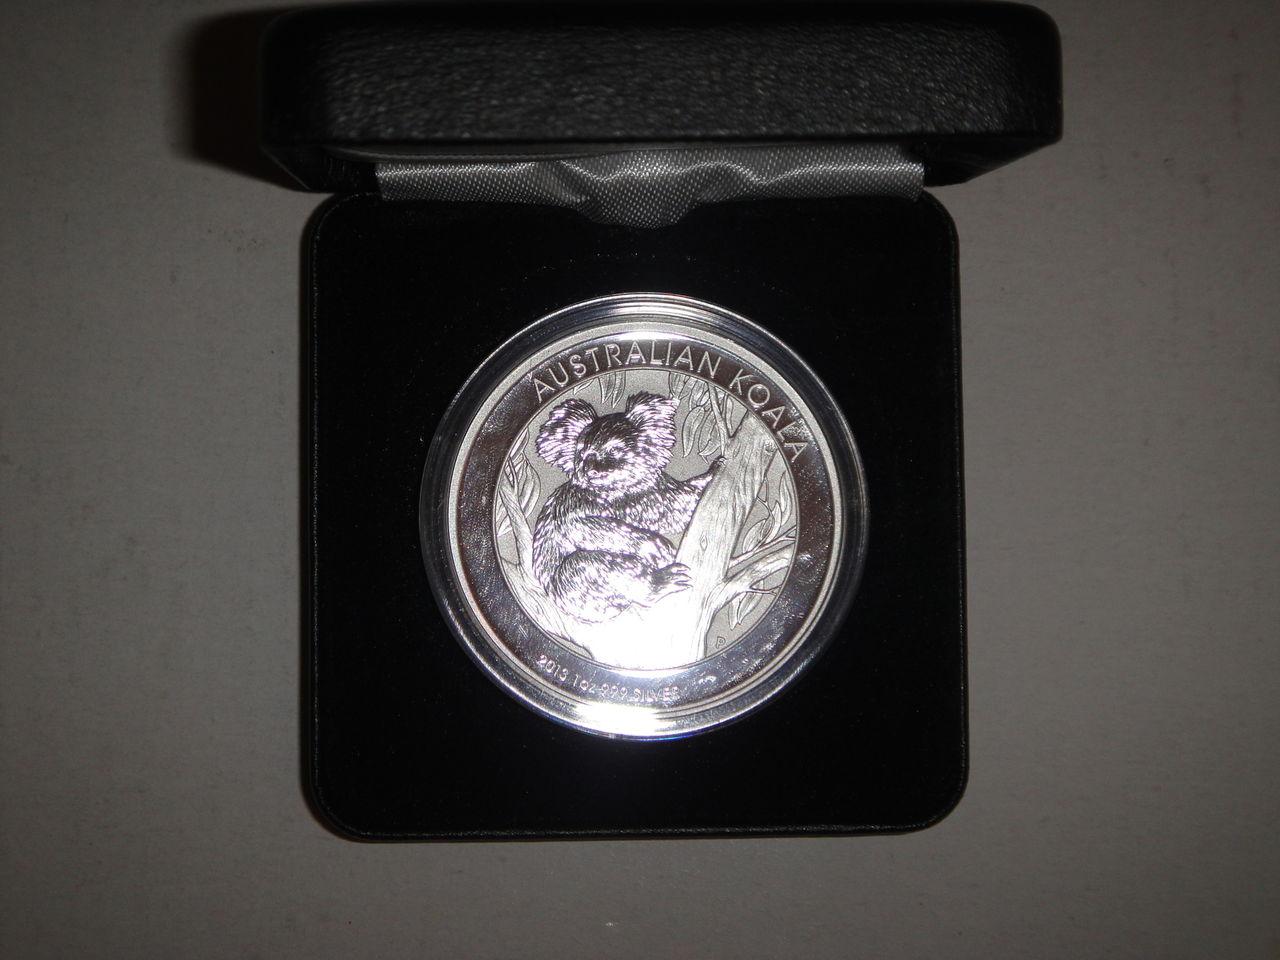 1 dolar Australian koala 2013 DSC02755